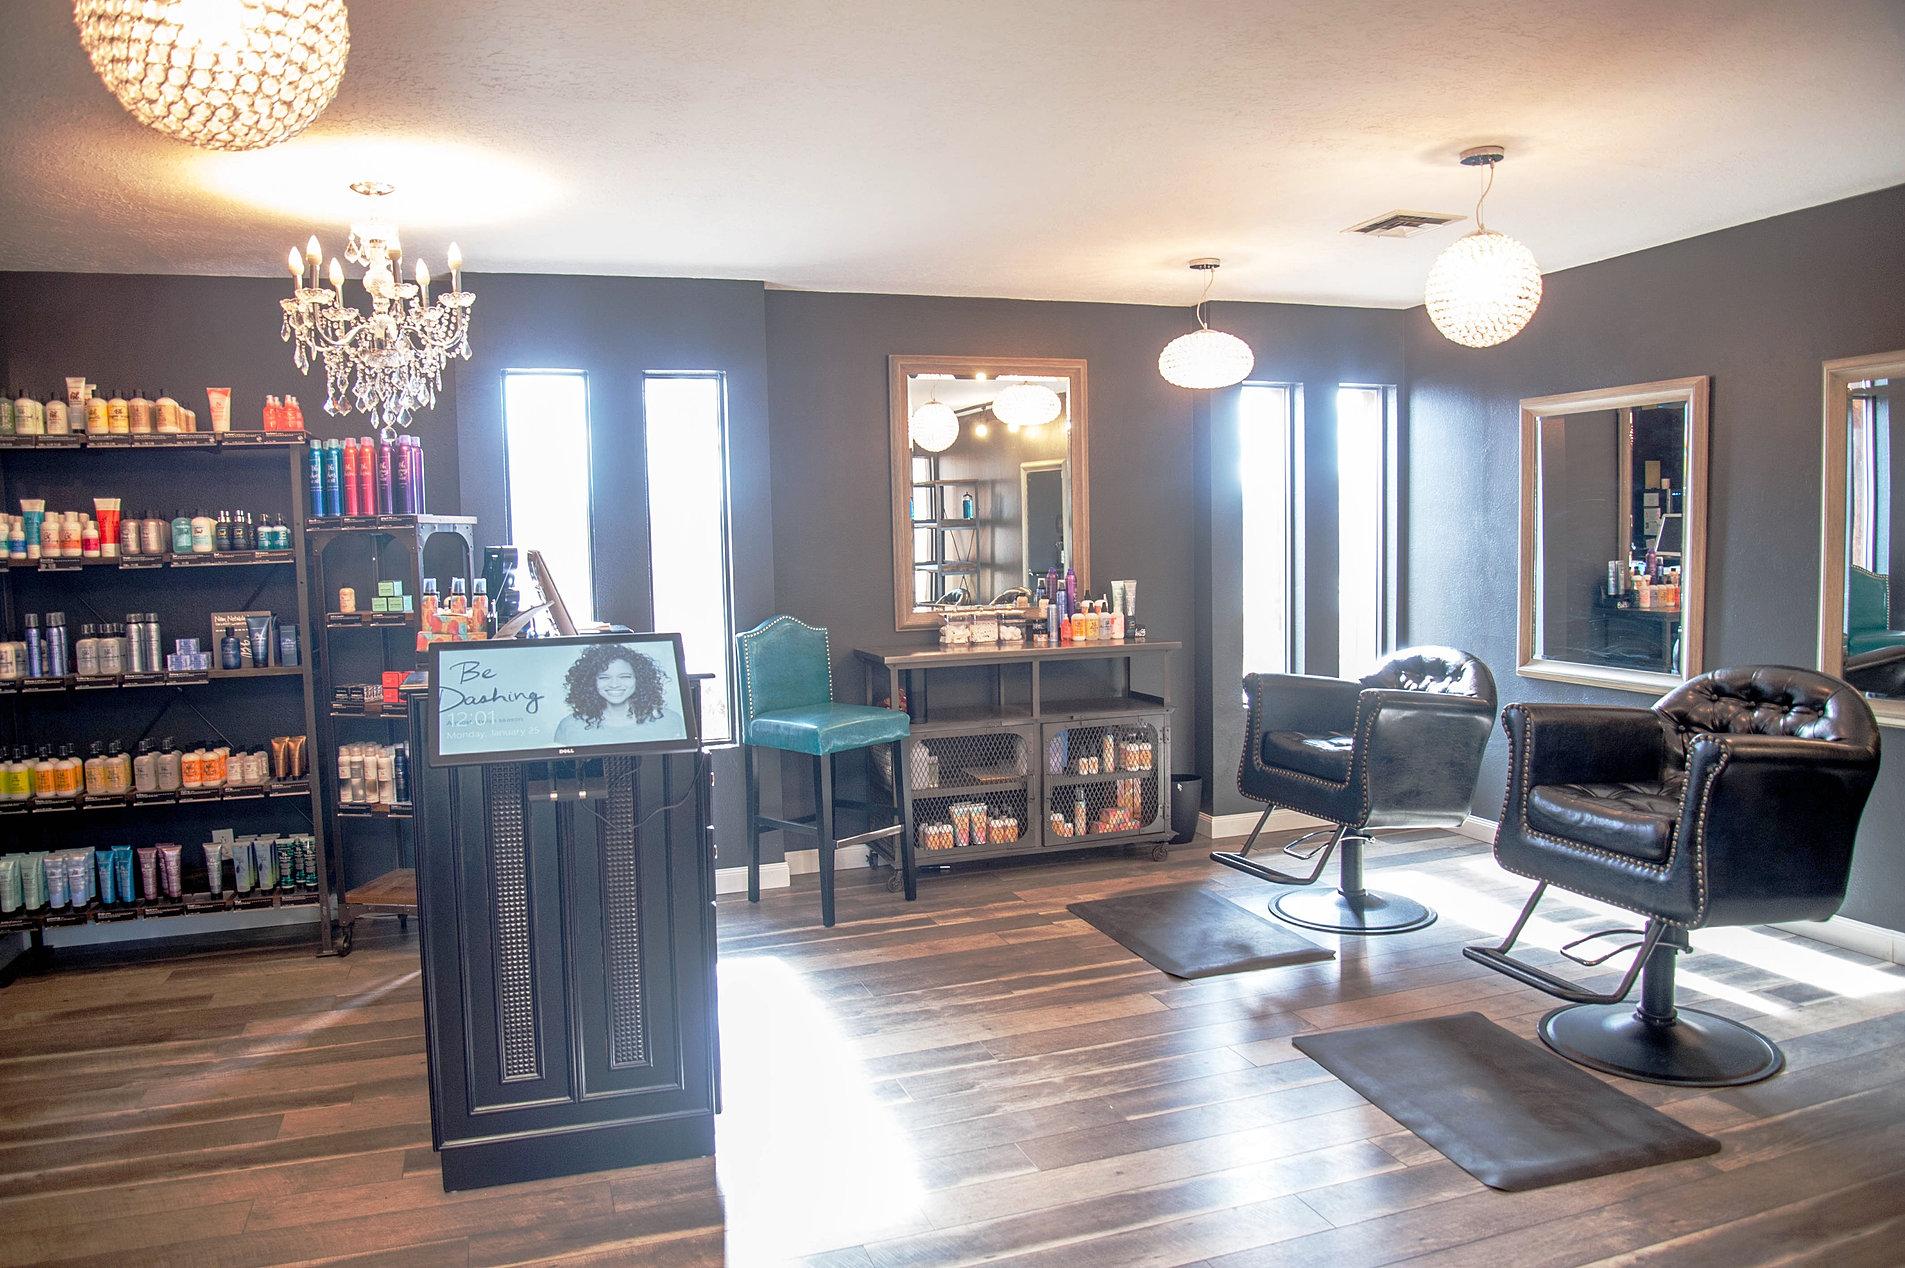 Albuquerque santa fe los alamos salon - Hair salon albuquerque ...